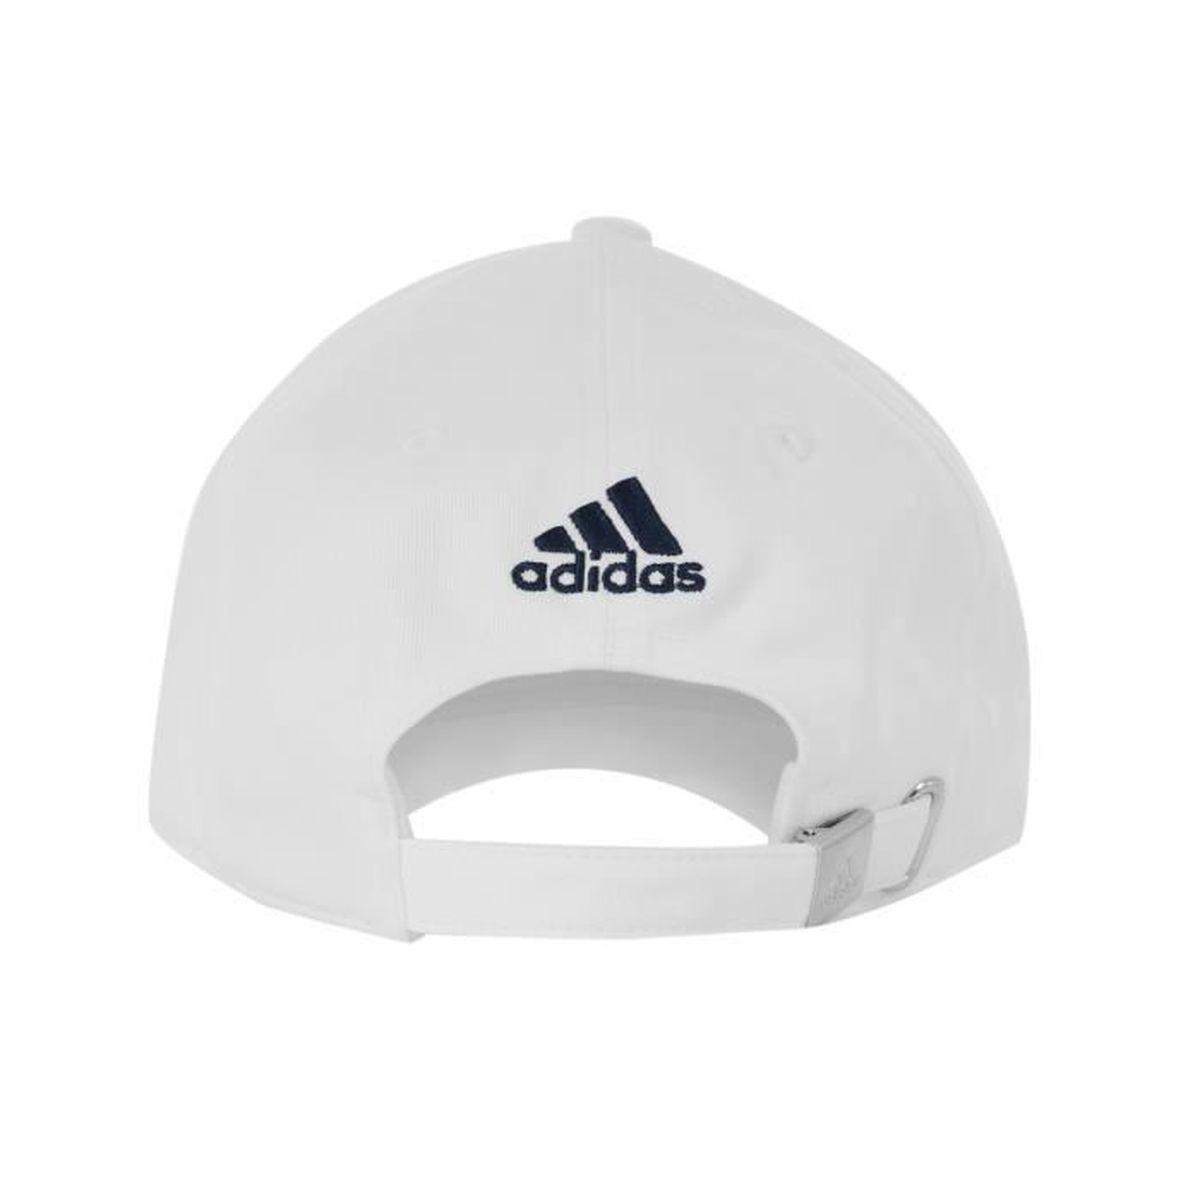 nouveaux prix plus bas brillance des couleurs détaillant en ligne Casquette adidas OM Blanc - Achat / Vente casquette ...